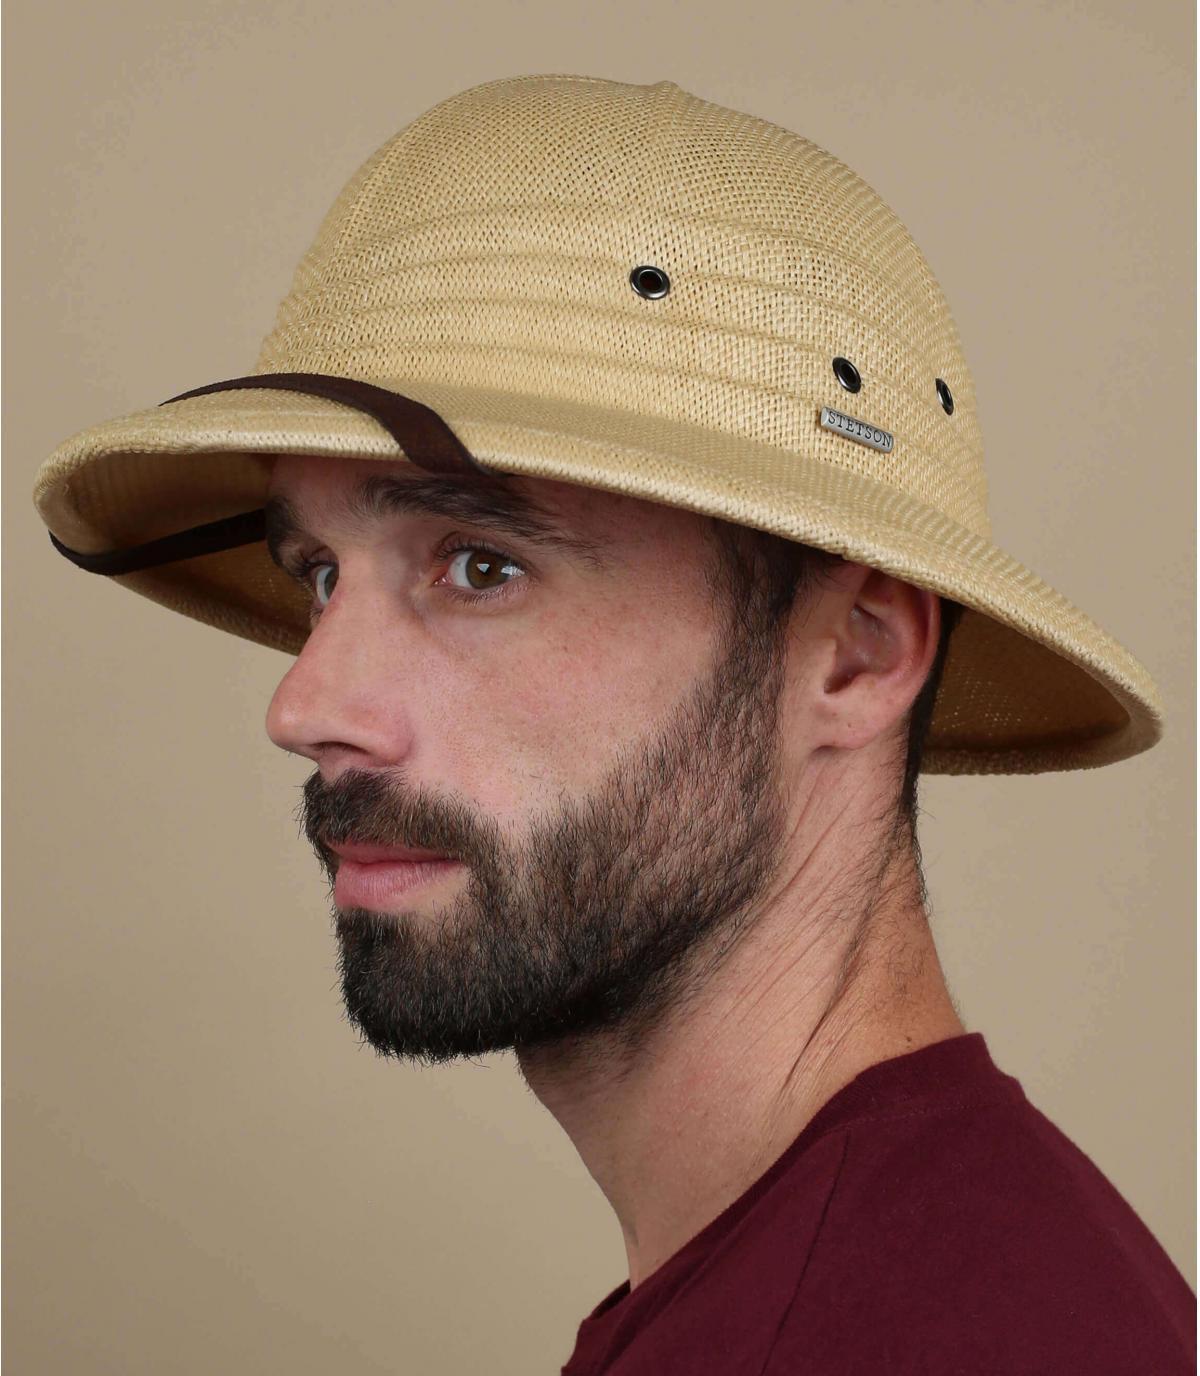 Stetson sombrero colonial